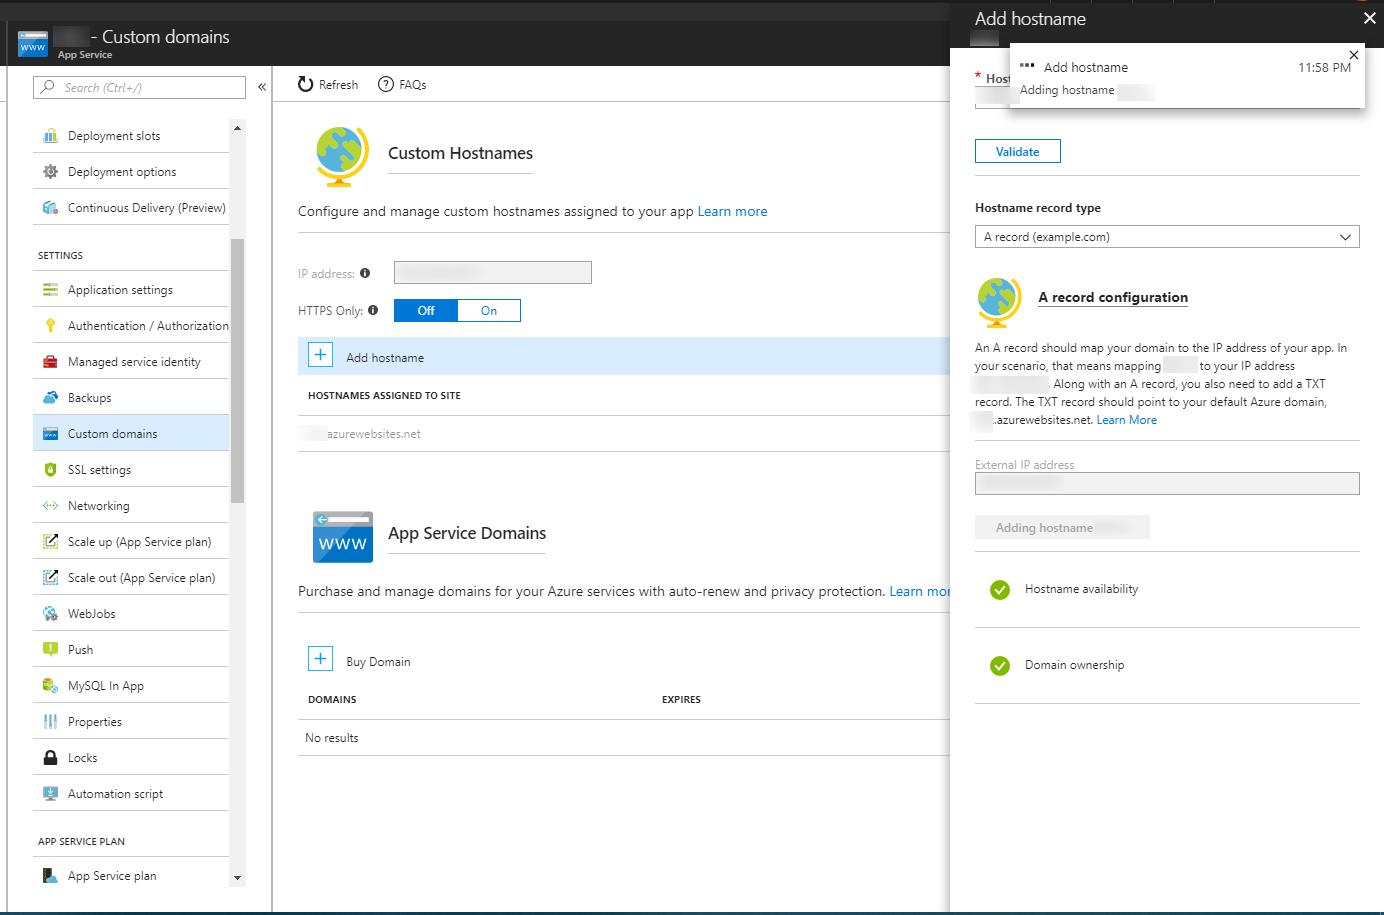 Wordpress Blog on Azure - full setup guide | codehollow